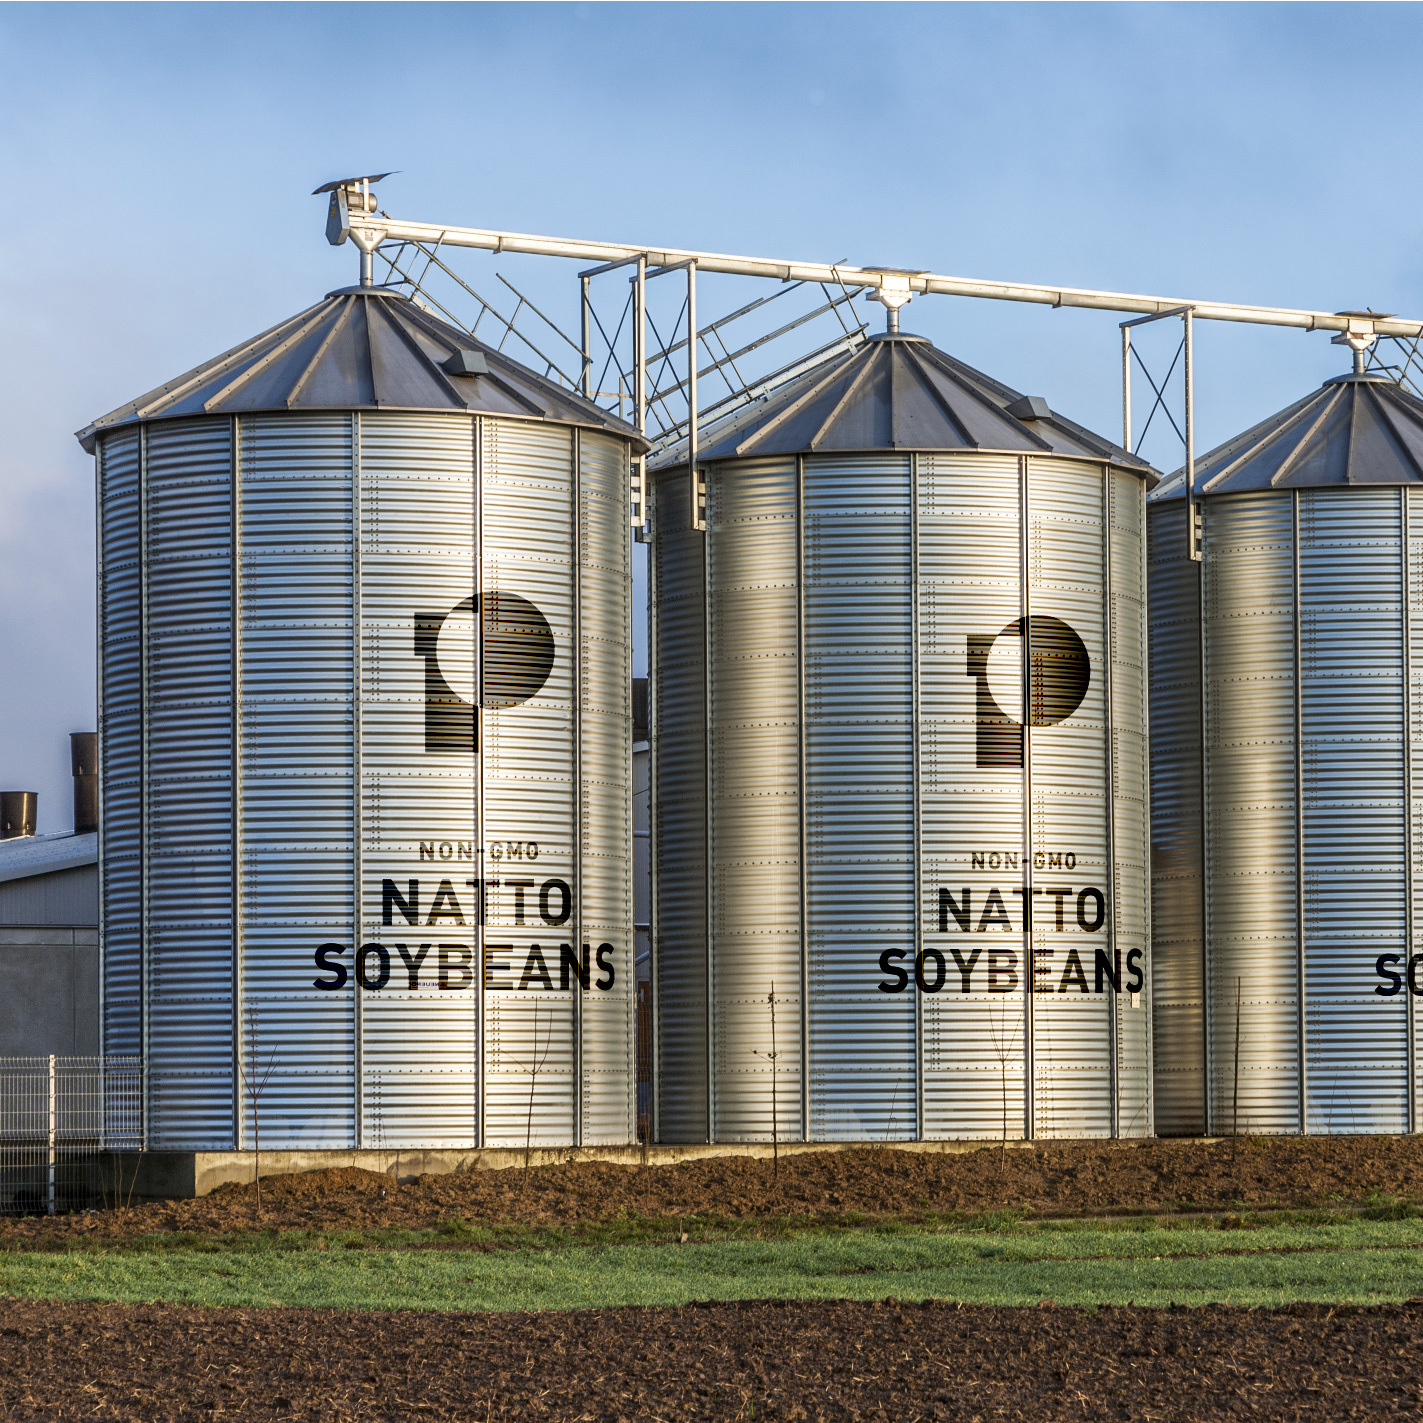 Grain bins natto 01